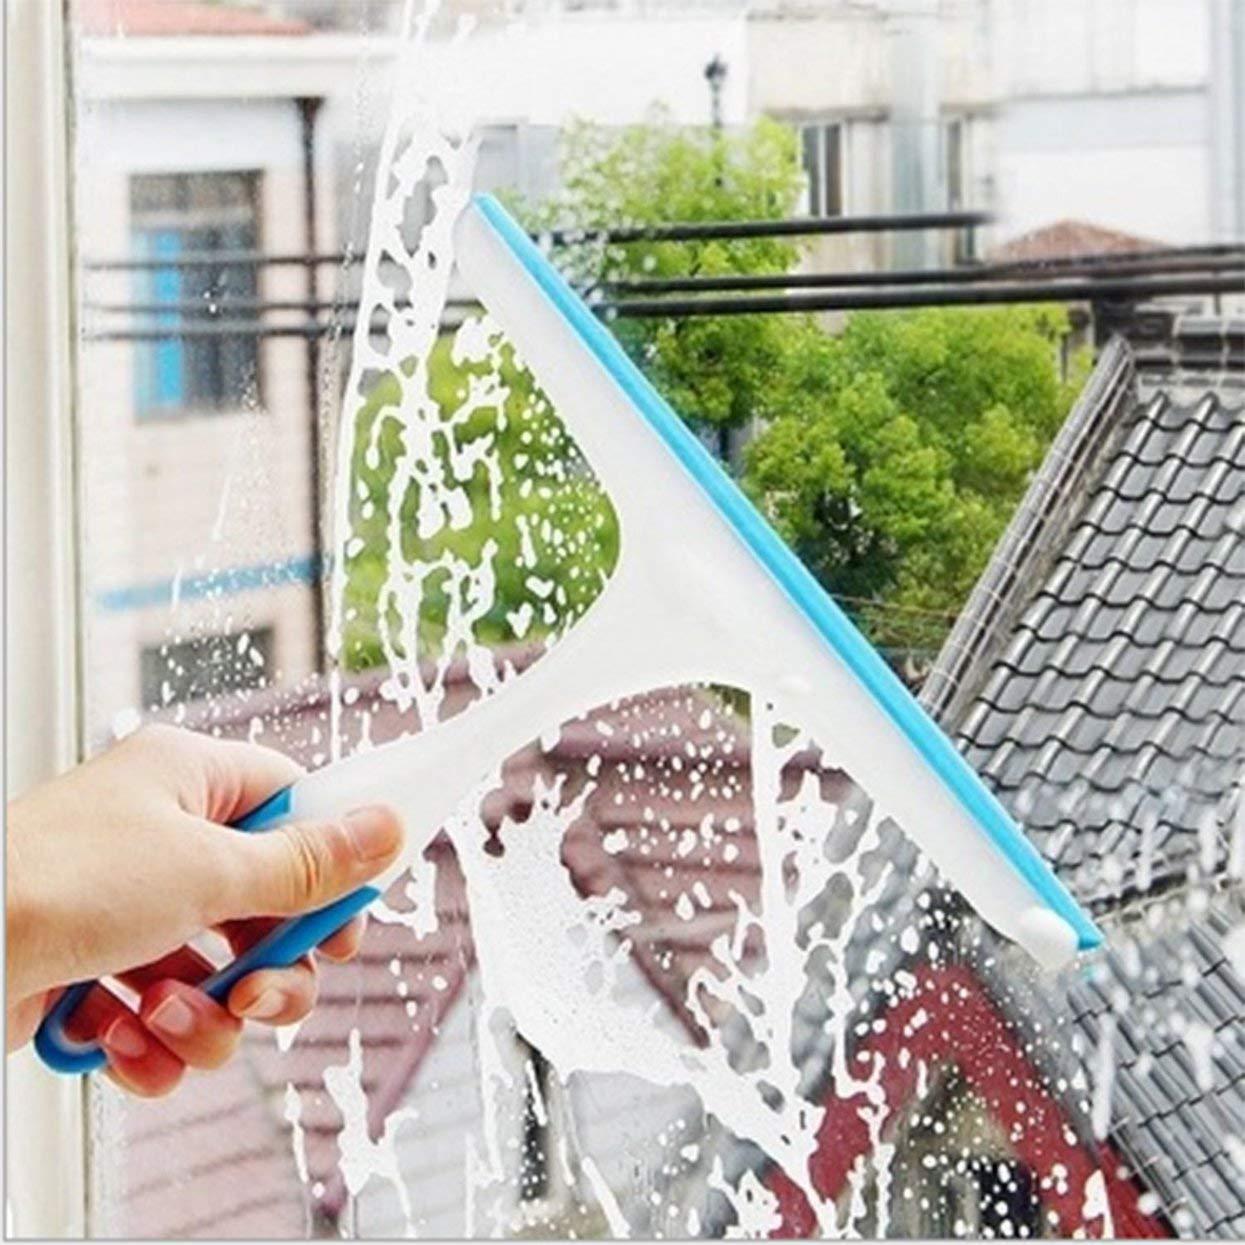 Tellaboull Práctico Limpiador de Jabón de Limpiaparabrisas De Ventana Suave Hoja de Silicona Ducha del Cuarto de Baño Espejo Rascador Limpiaparabrisas de Coche: Amazon.es: Hogar